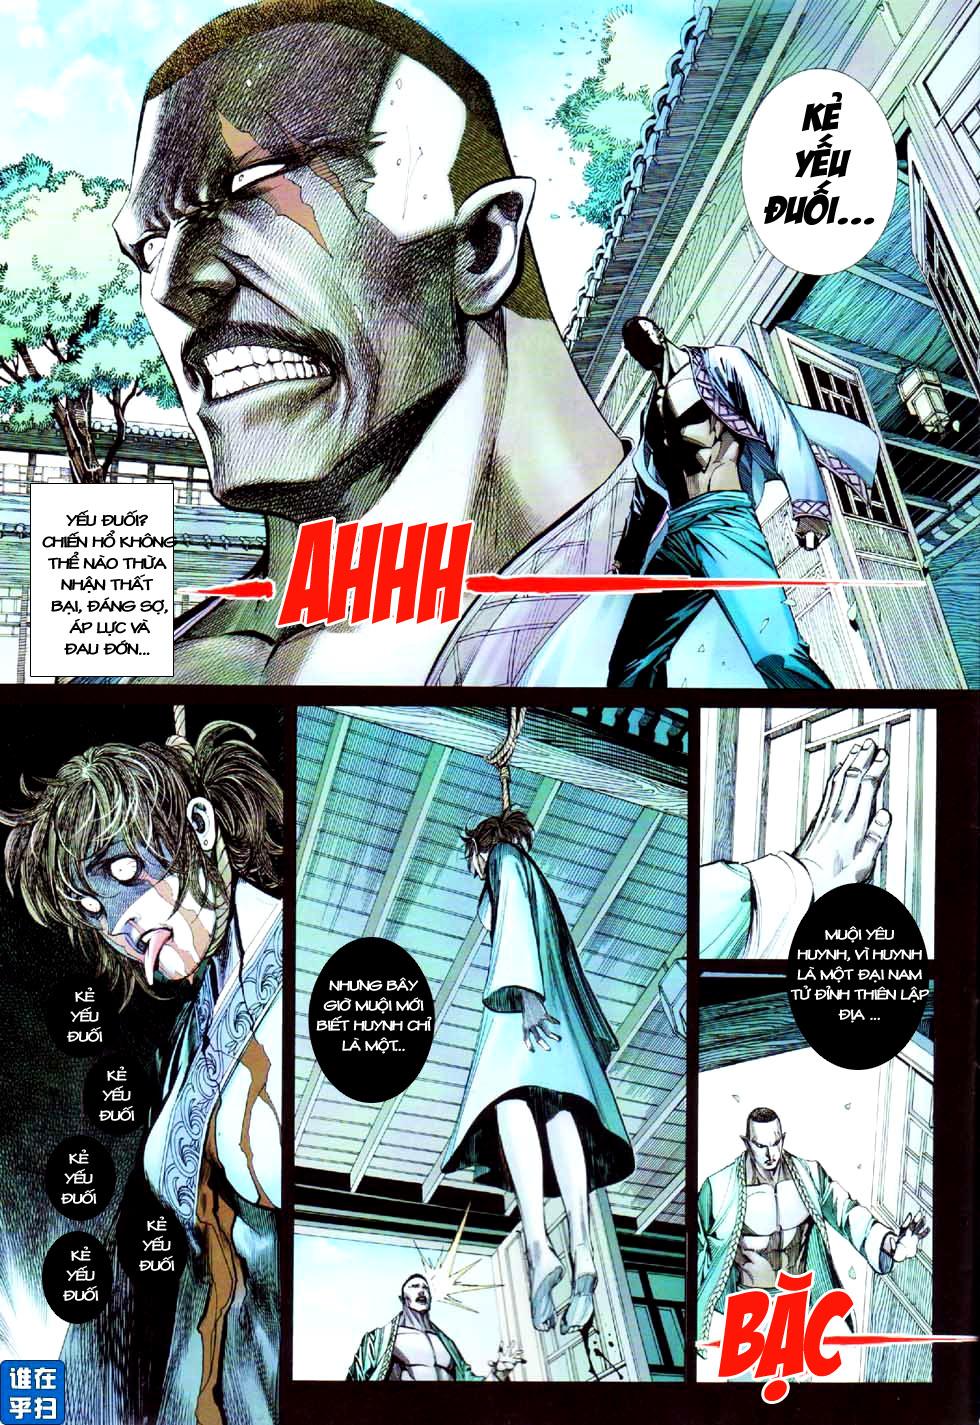 Thiên Hạ Vô Địch Kiếm Tà Thần chap 8 end trang 7